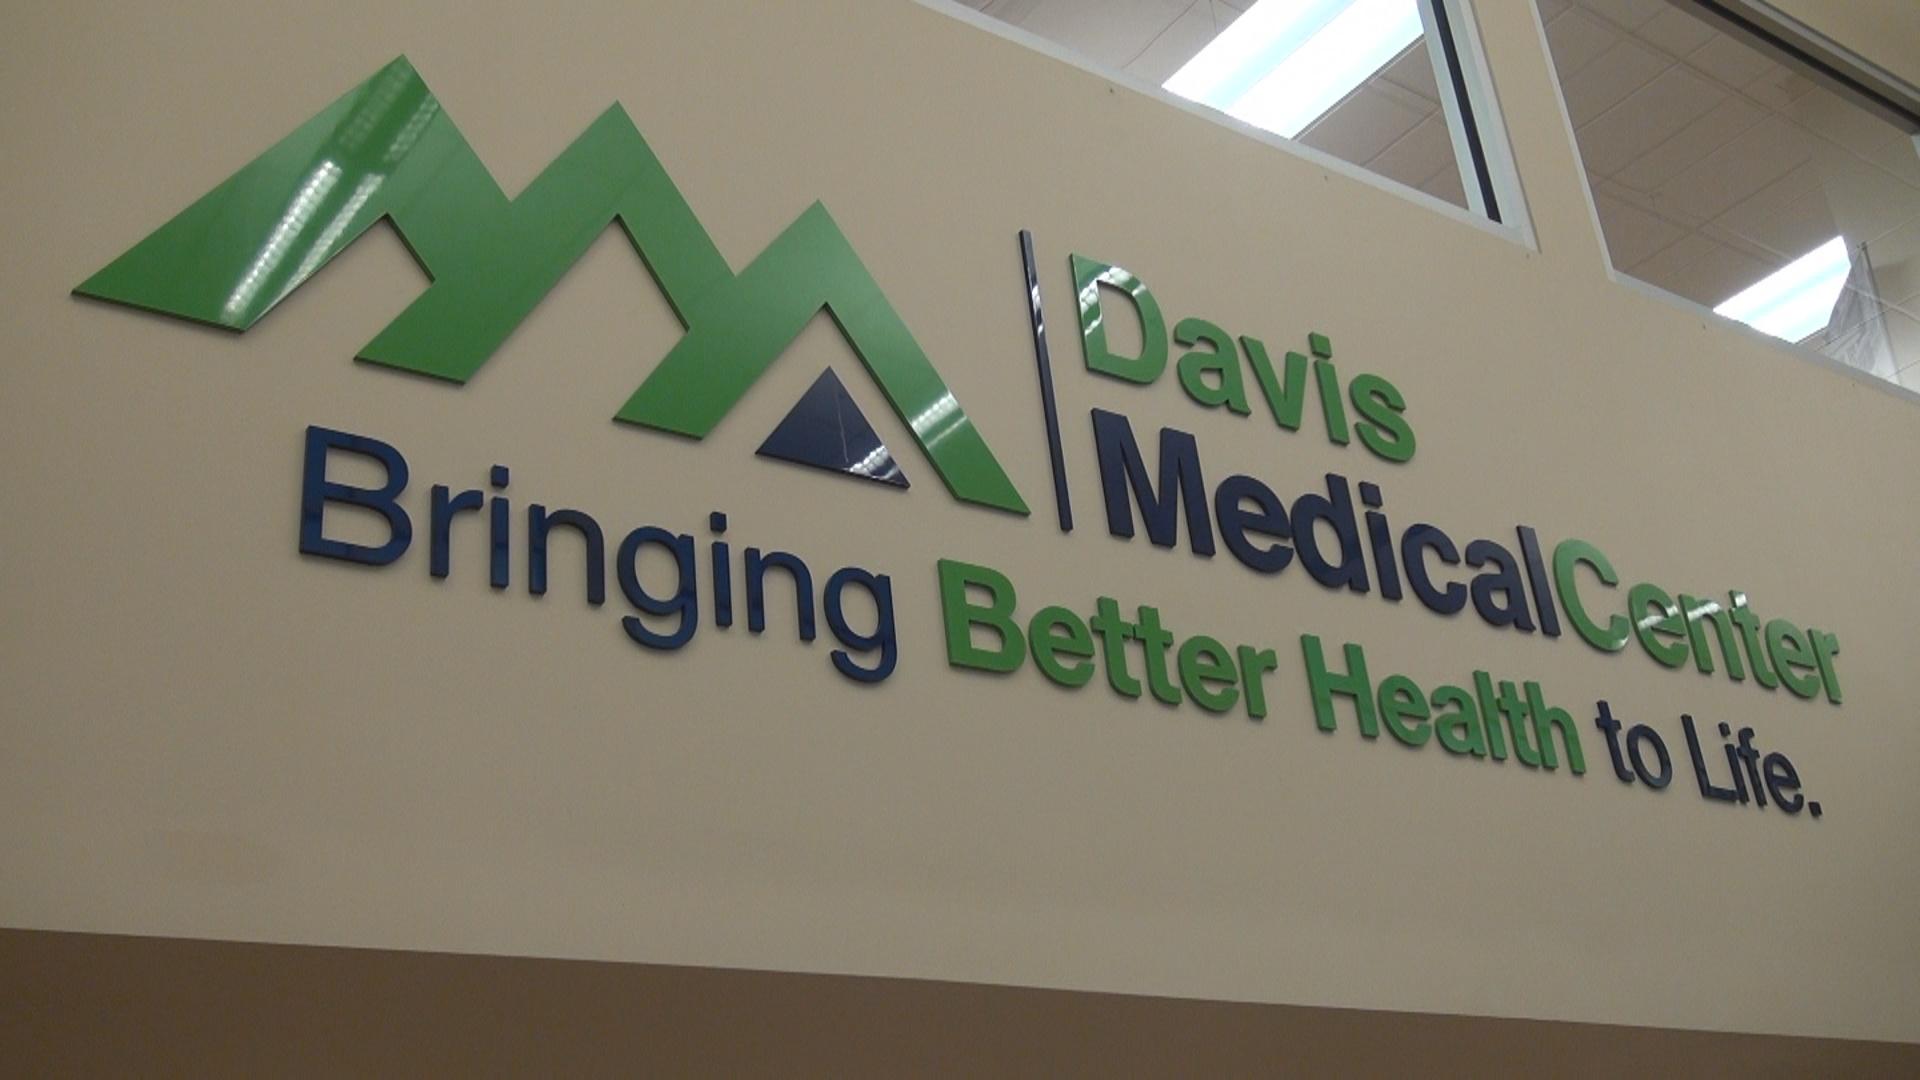 davis medical center women's health day_1540577747468.jpg